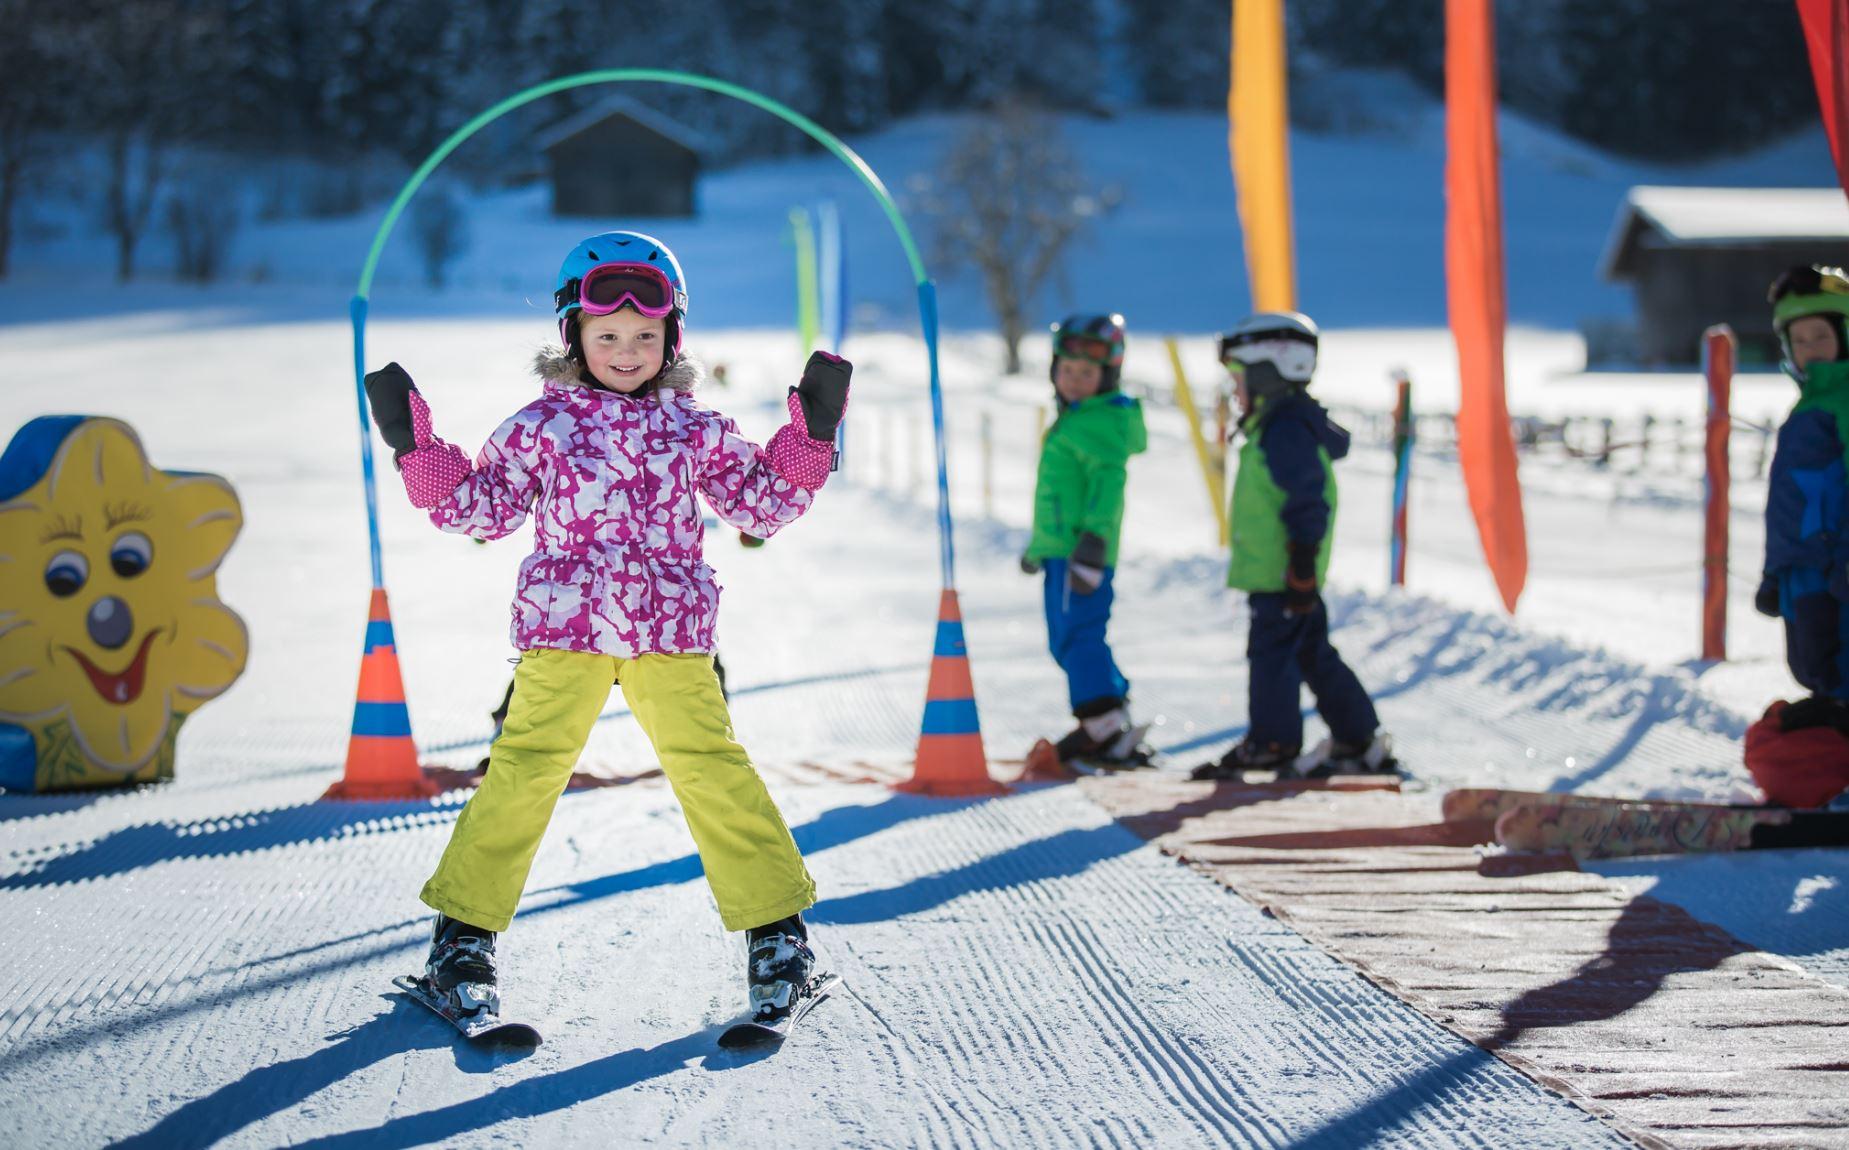 schwanner-lift-skifahren-kinder-skikurs